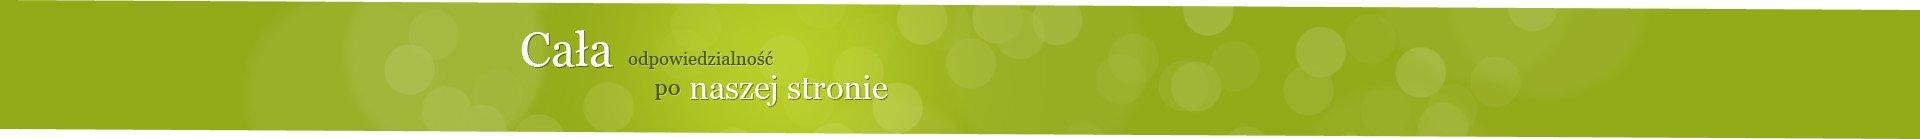 Baner z tekstem 'Cała odpowiedzialność po naszej stronie'